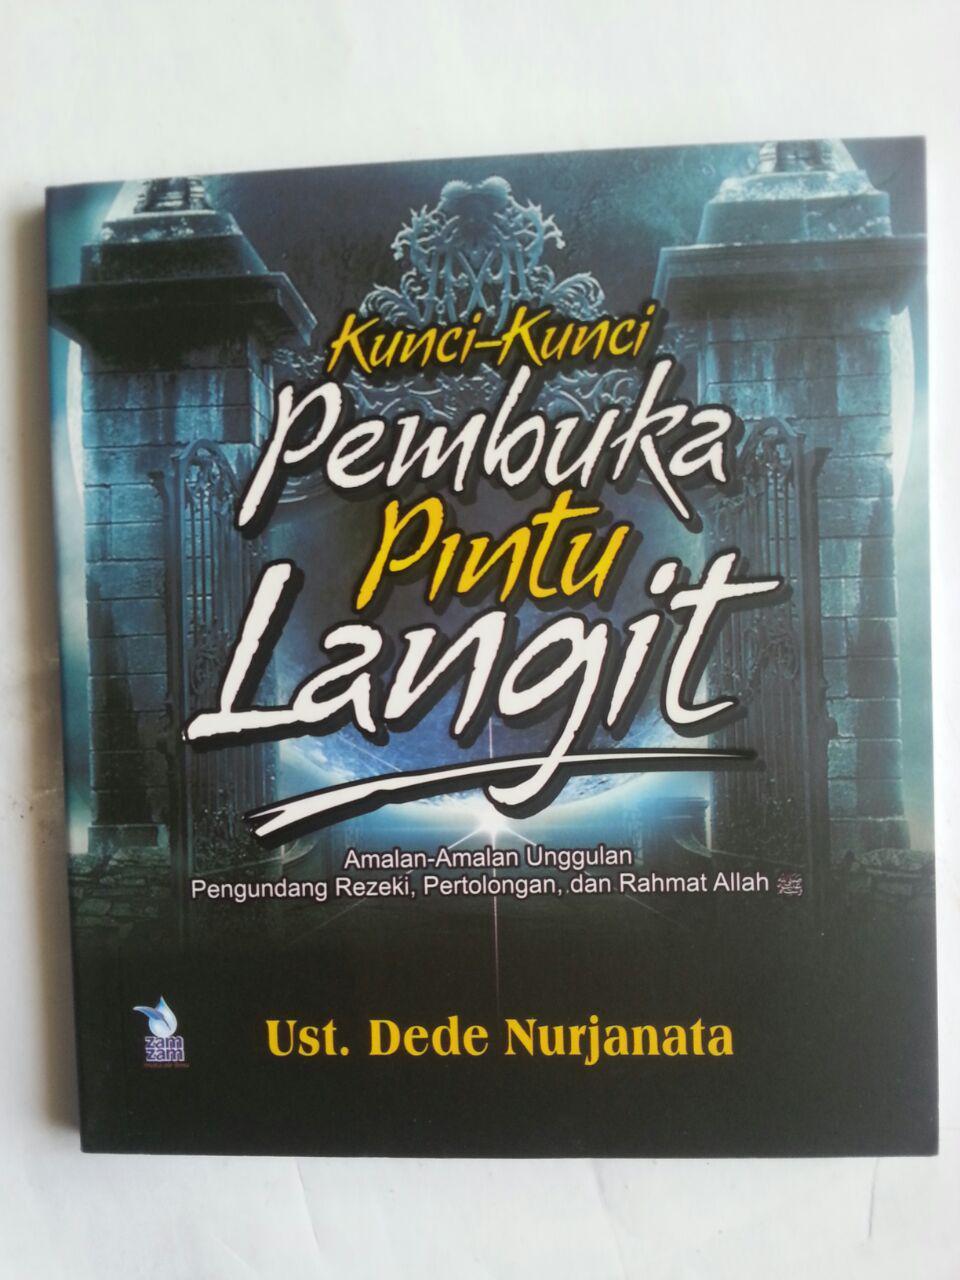 Buku Kunci-Kunci Pembuka Pintu Langit Amalan-Amalan Unggulan cover 2